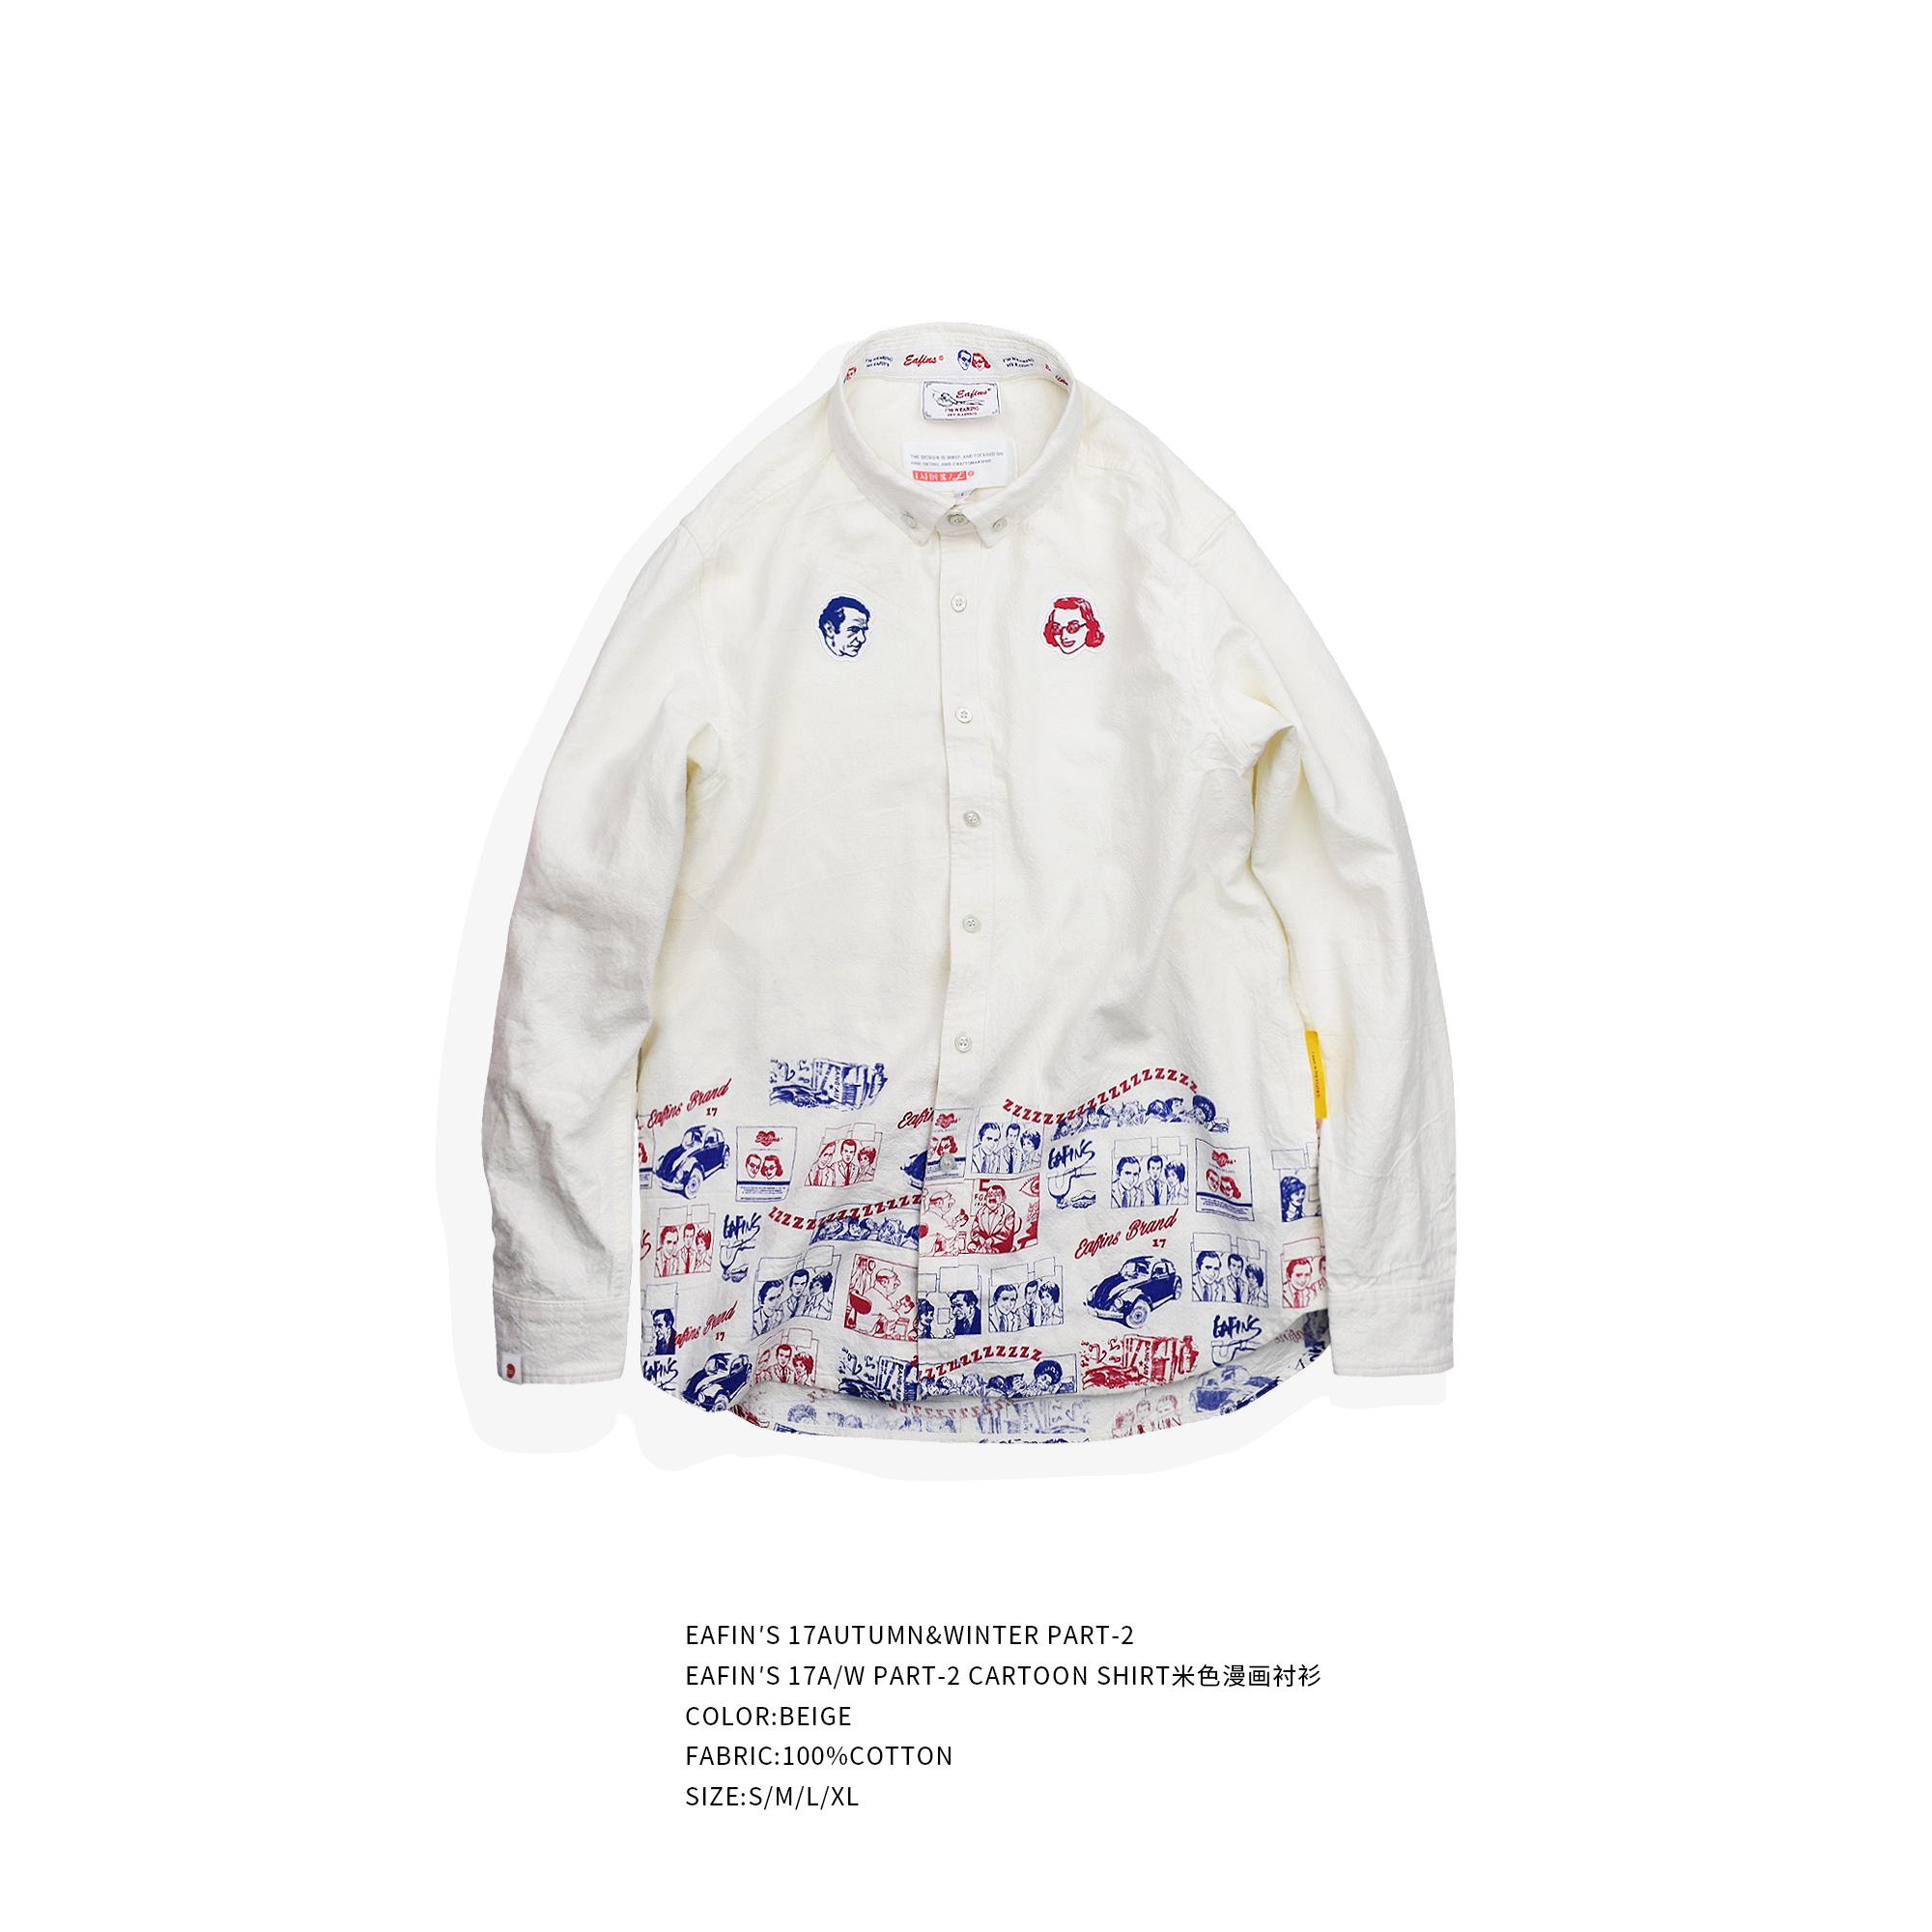 EAFIN′S 17A/W PART-2 CARTOON SHIRT米色漫画衬衫 长袖涂鸦衬衣